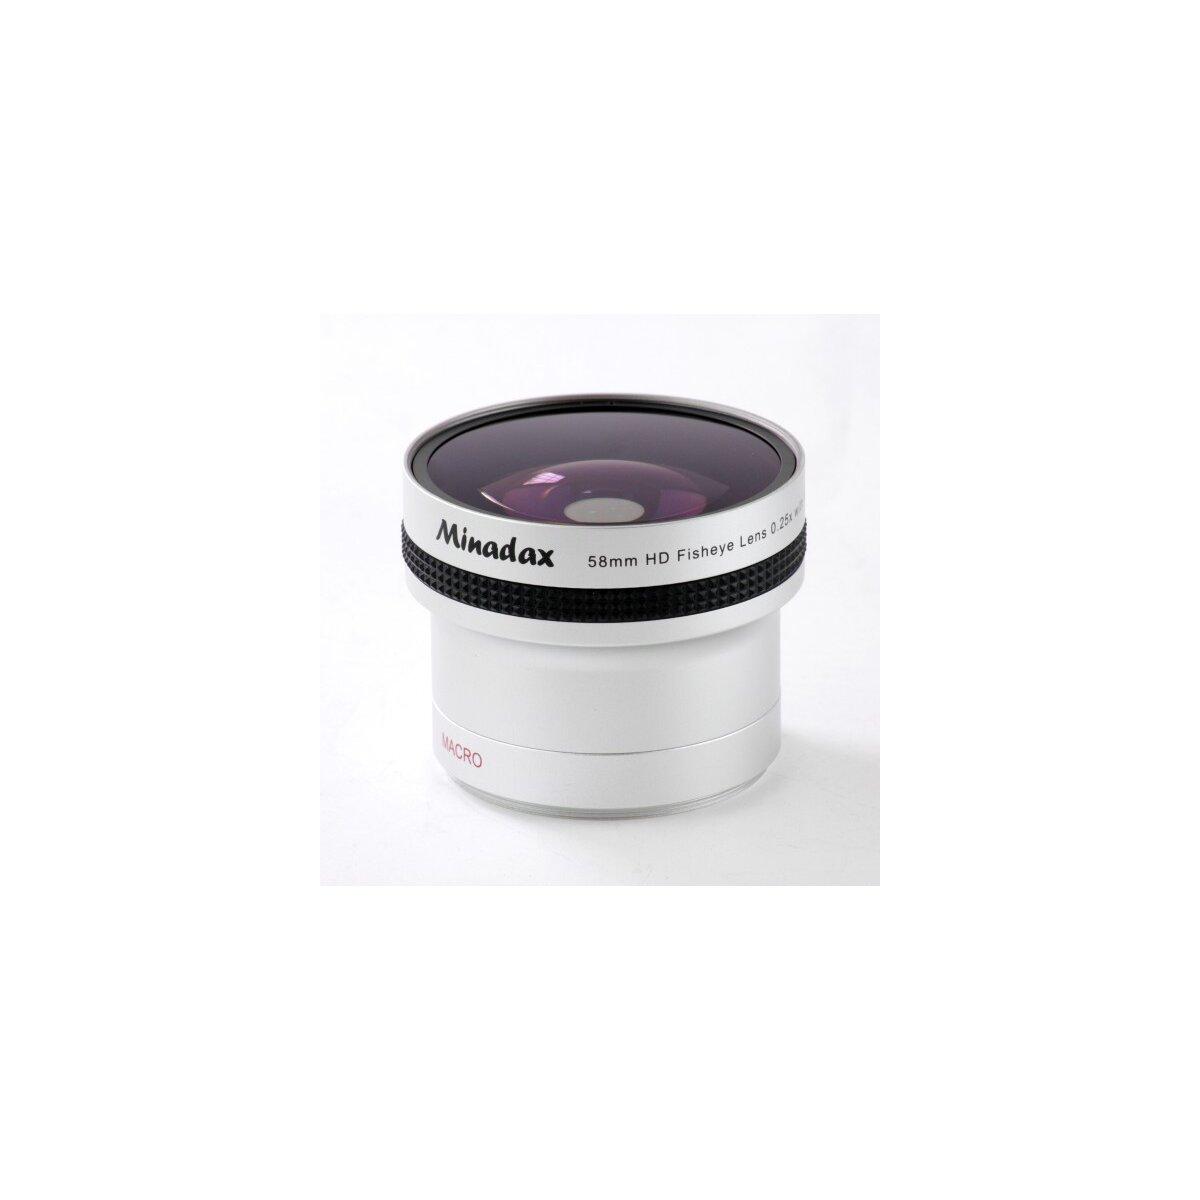 Minadax® Qualitätsakku mit echten 700 mAh kompatibel mit Canon Powershot S30/S40/S45/S50/S60, Ersatz für NB-2LH - Intelligentes Akkusystem mit Chip